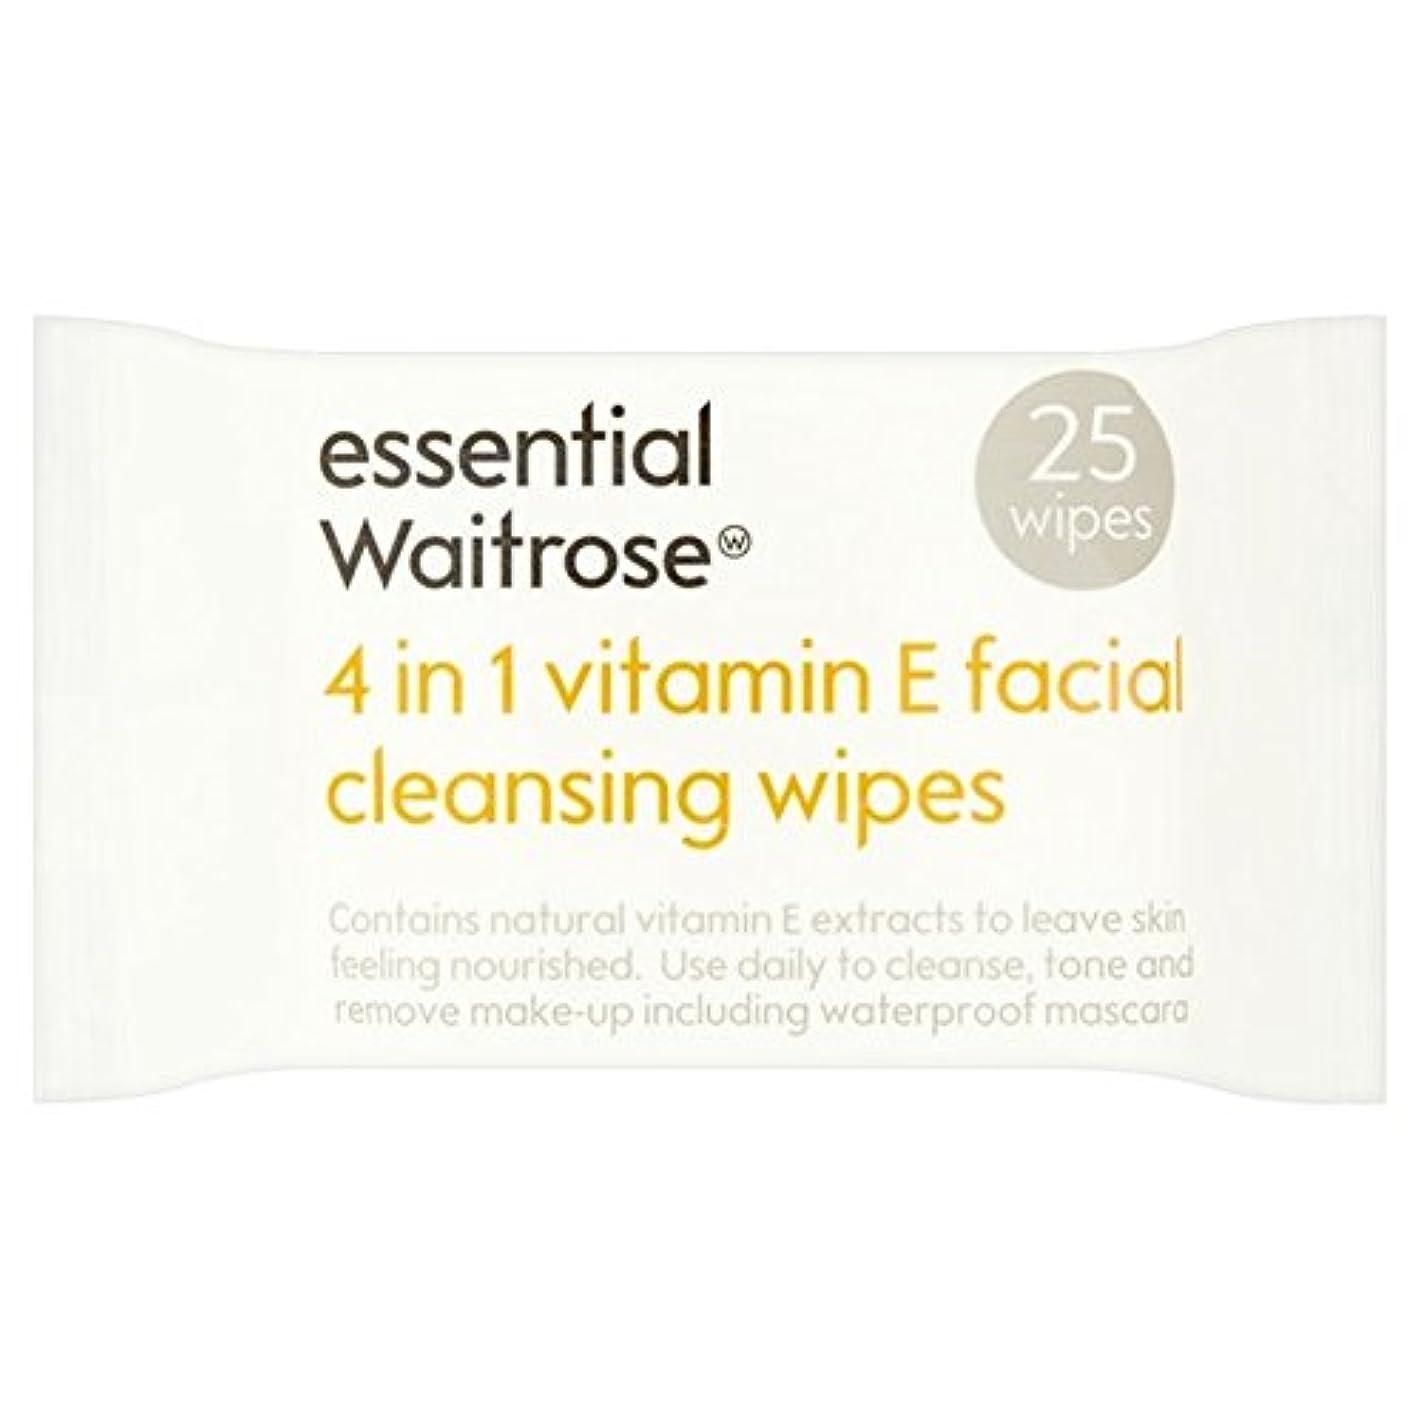 無関心万歳助けてEssential 4 in 1 Cleansing Wipes Vitamin E Waitrose 25 per pack - 1つのクレンジングで4不可欠パックあたりのビタミンウェイトローズ25ワイプ [並行輸入品]